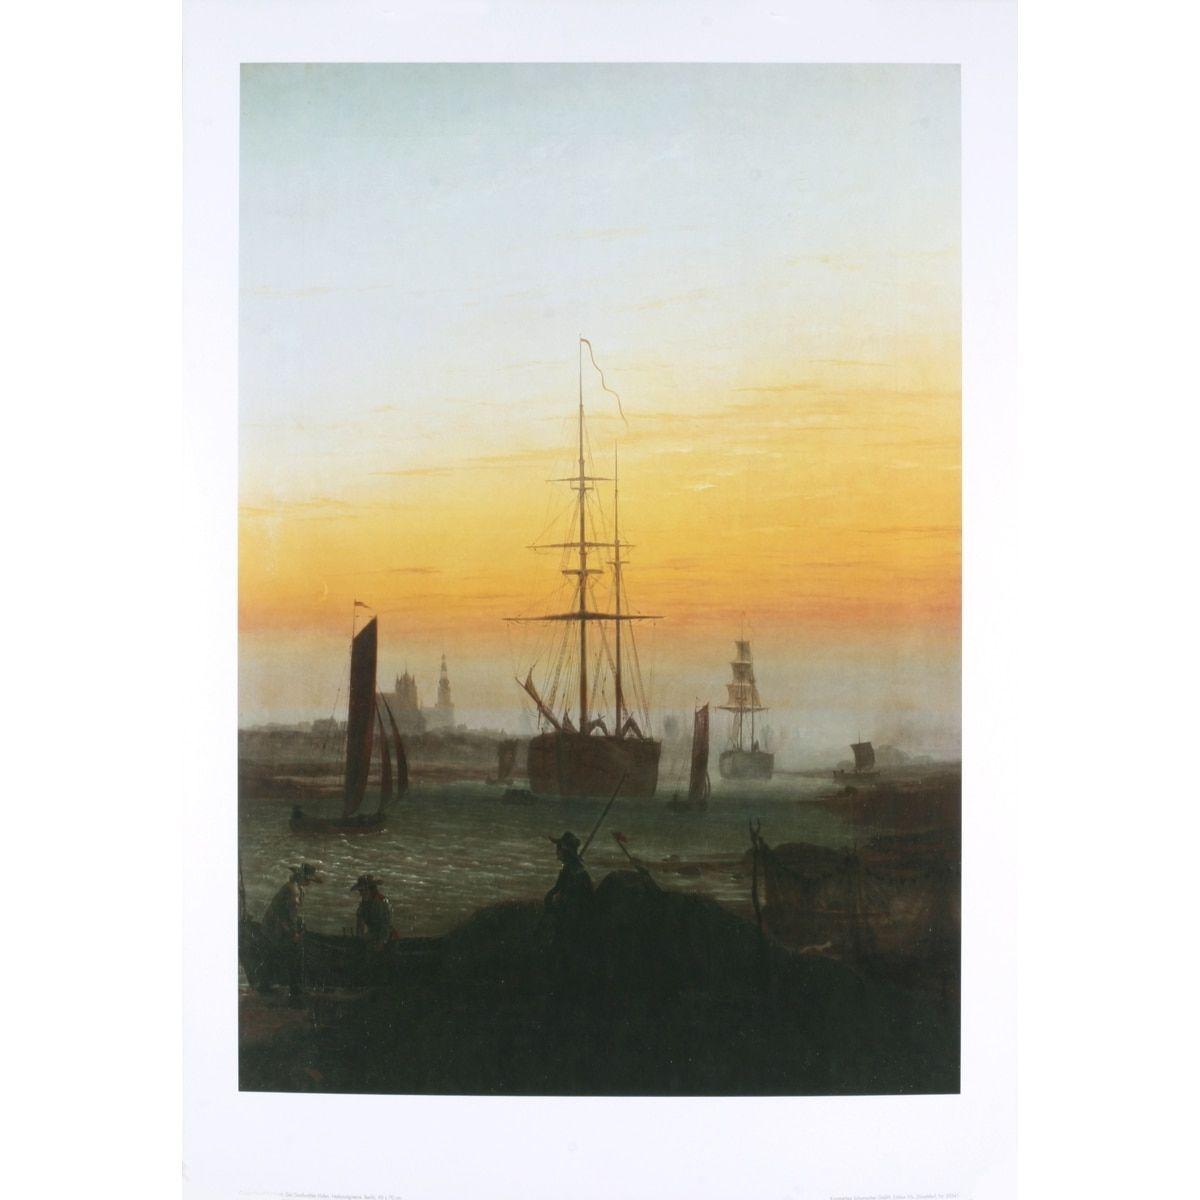 Refurbished Caspar David Friedrich Der Greiwalden Hafen Multicolored Poster, 35.5 x 27.5 inches